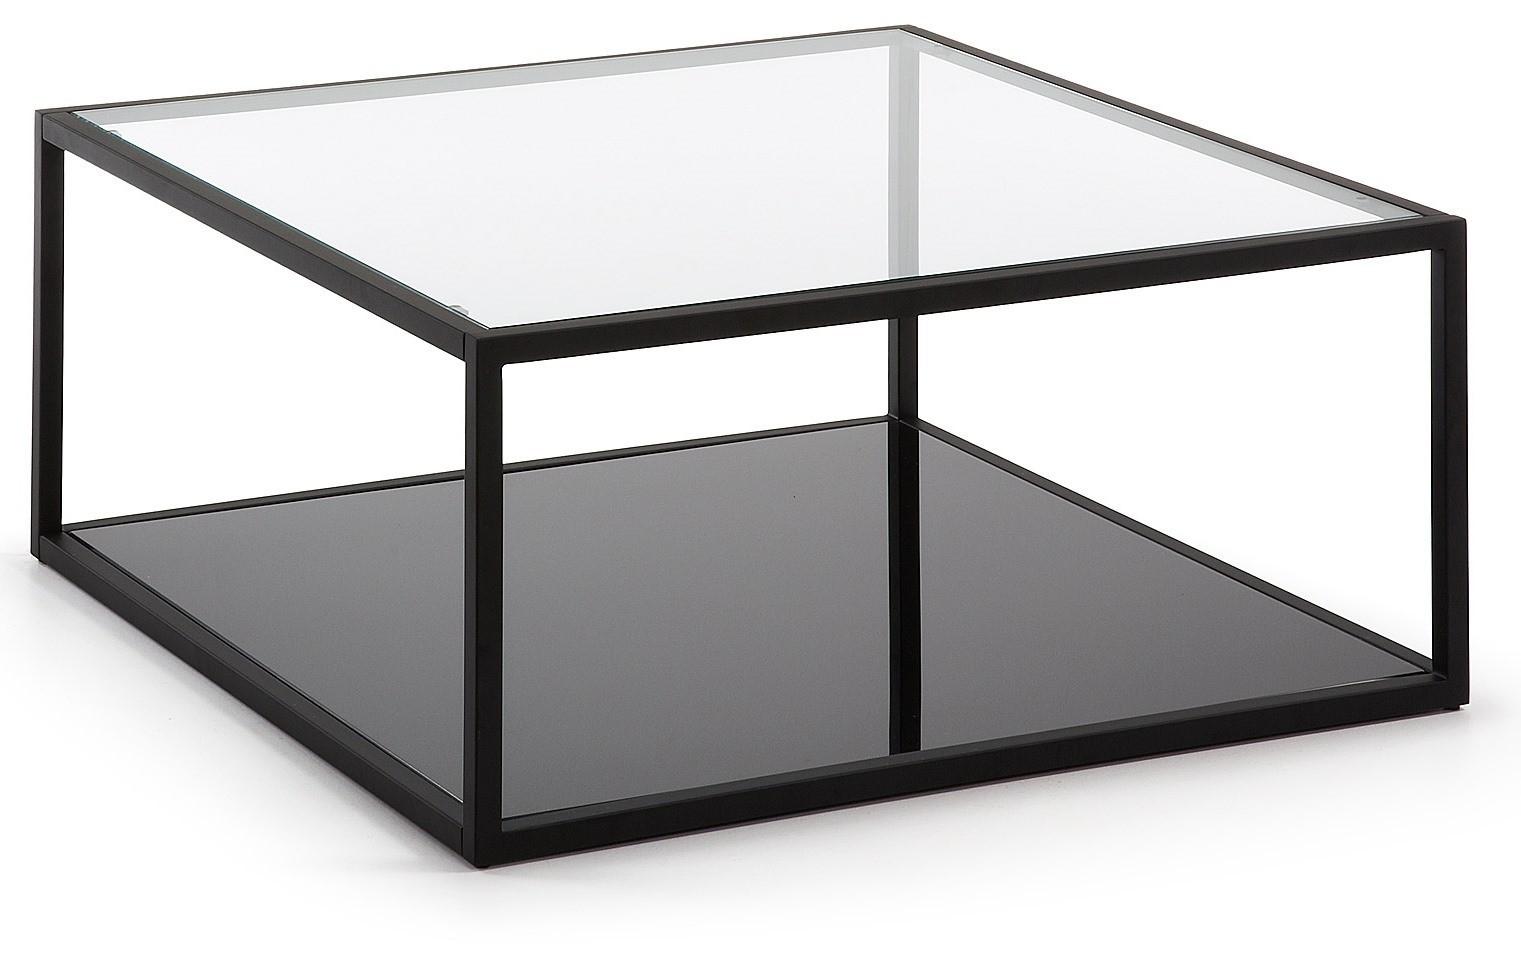 HILL tavolino quadrato 80x80 struttura metallo nero vetro ...